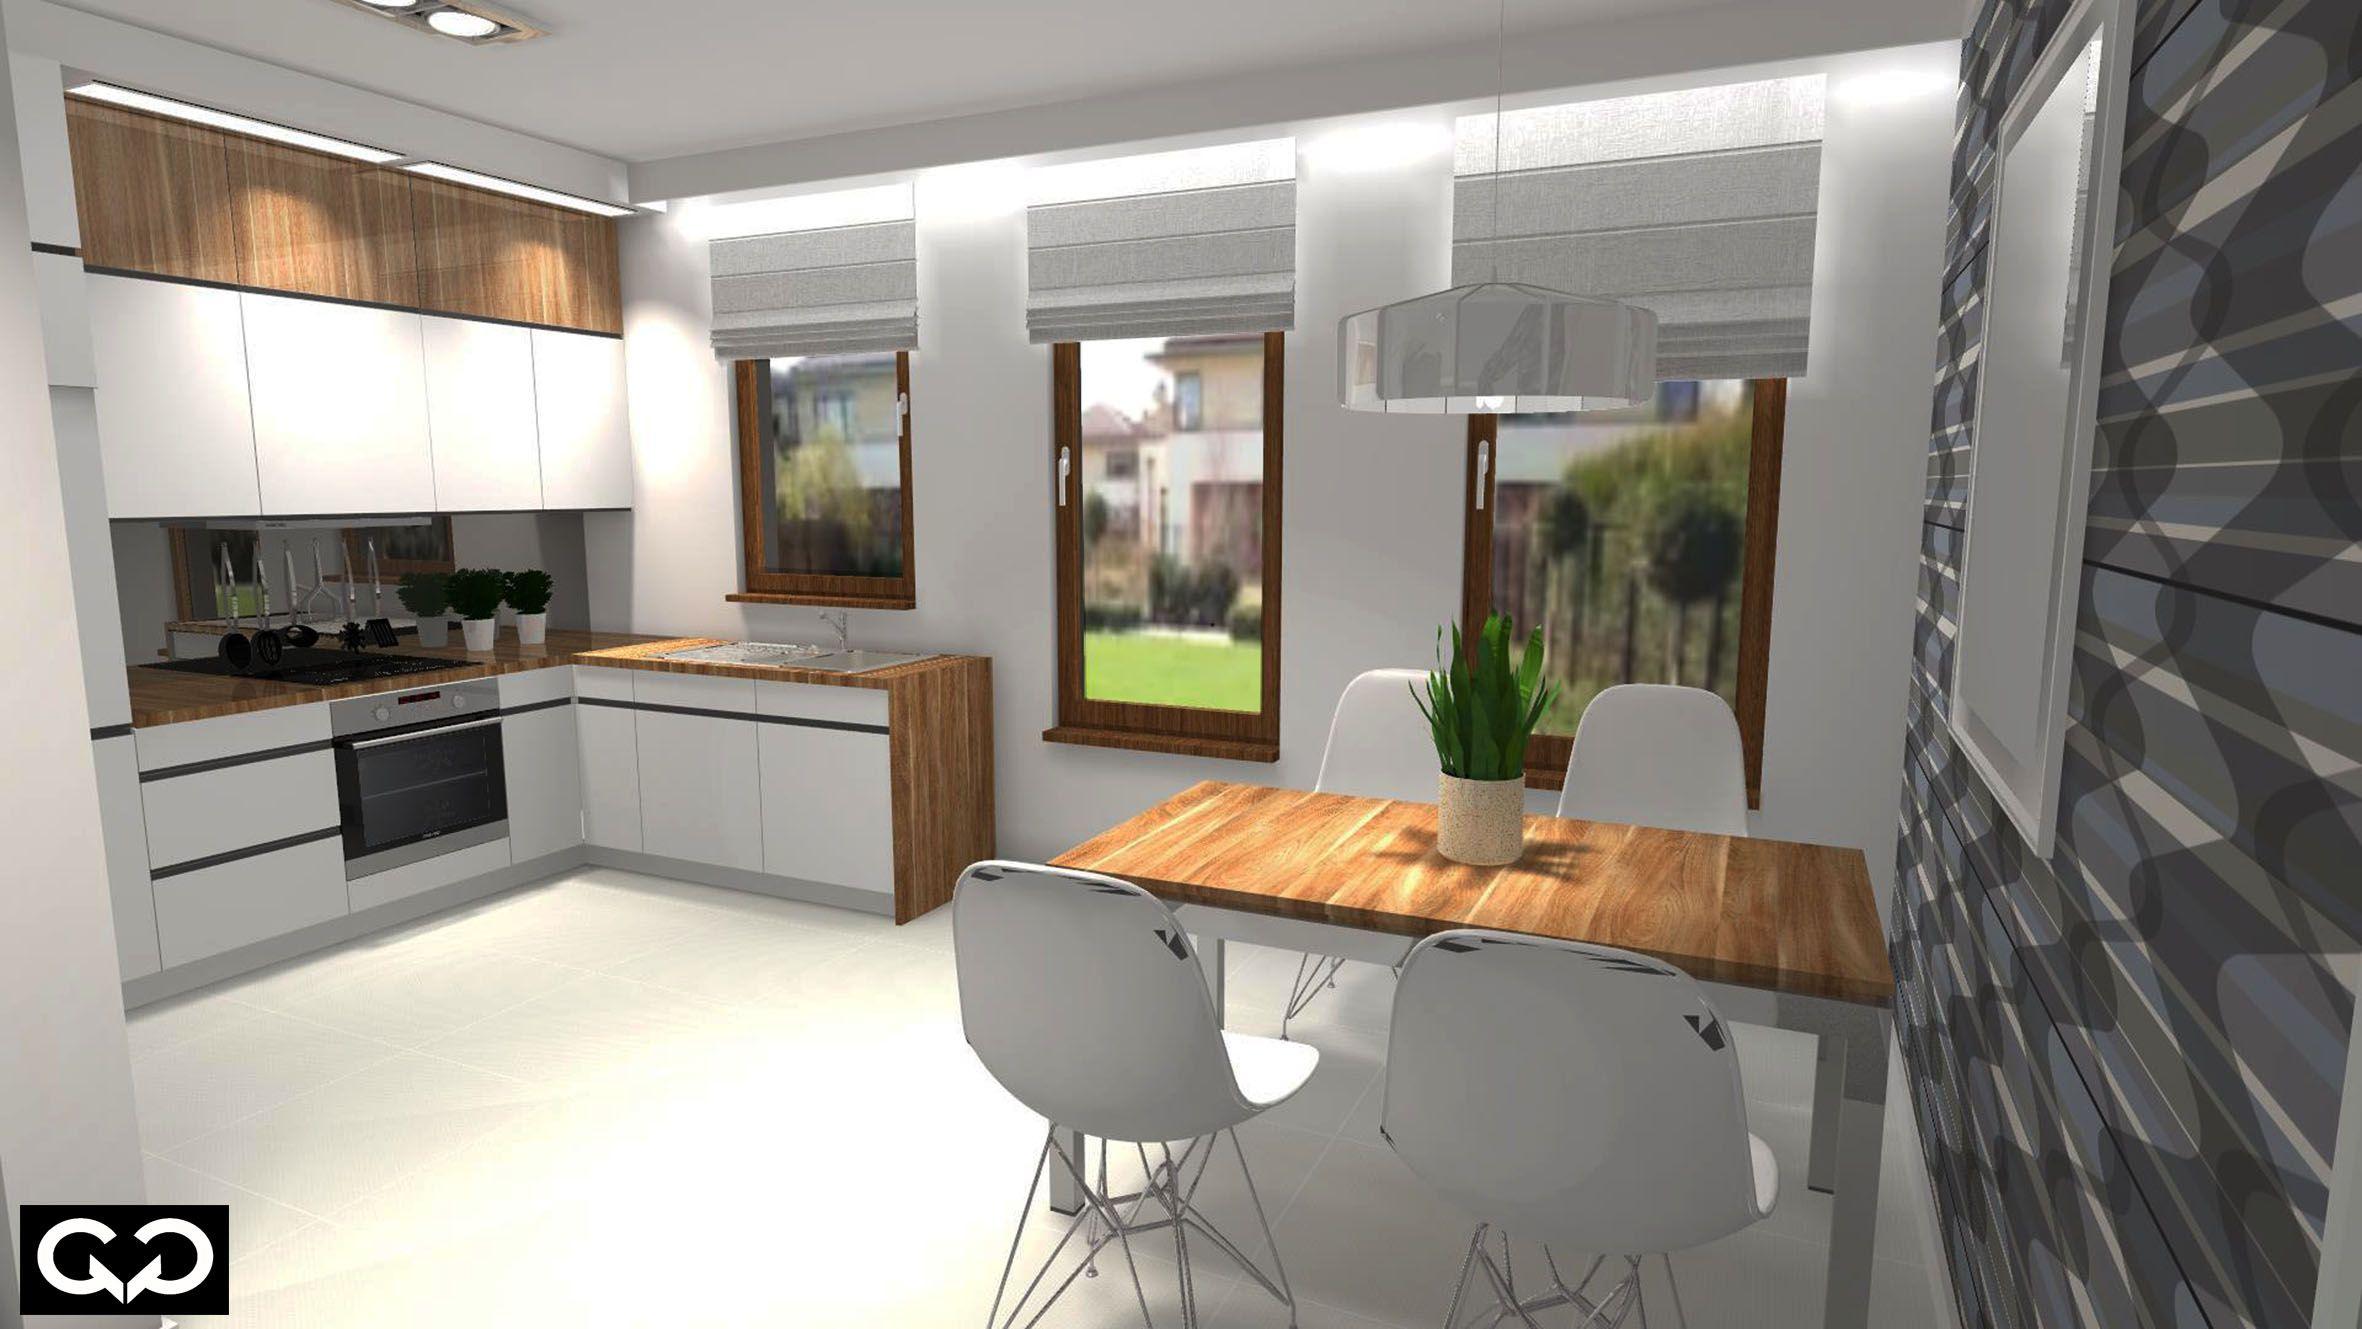 Otwarta kuchnia w bieli hola design homesquare - Nowoczesna Kuchnia Biel I Drewno